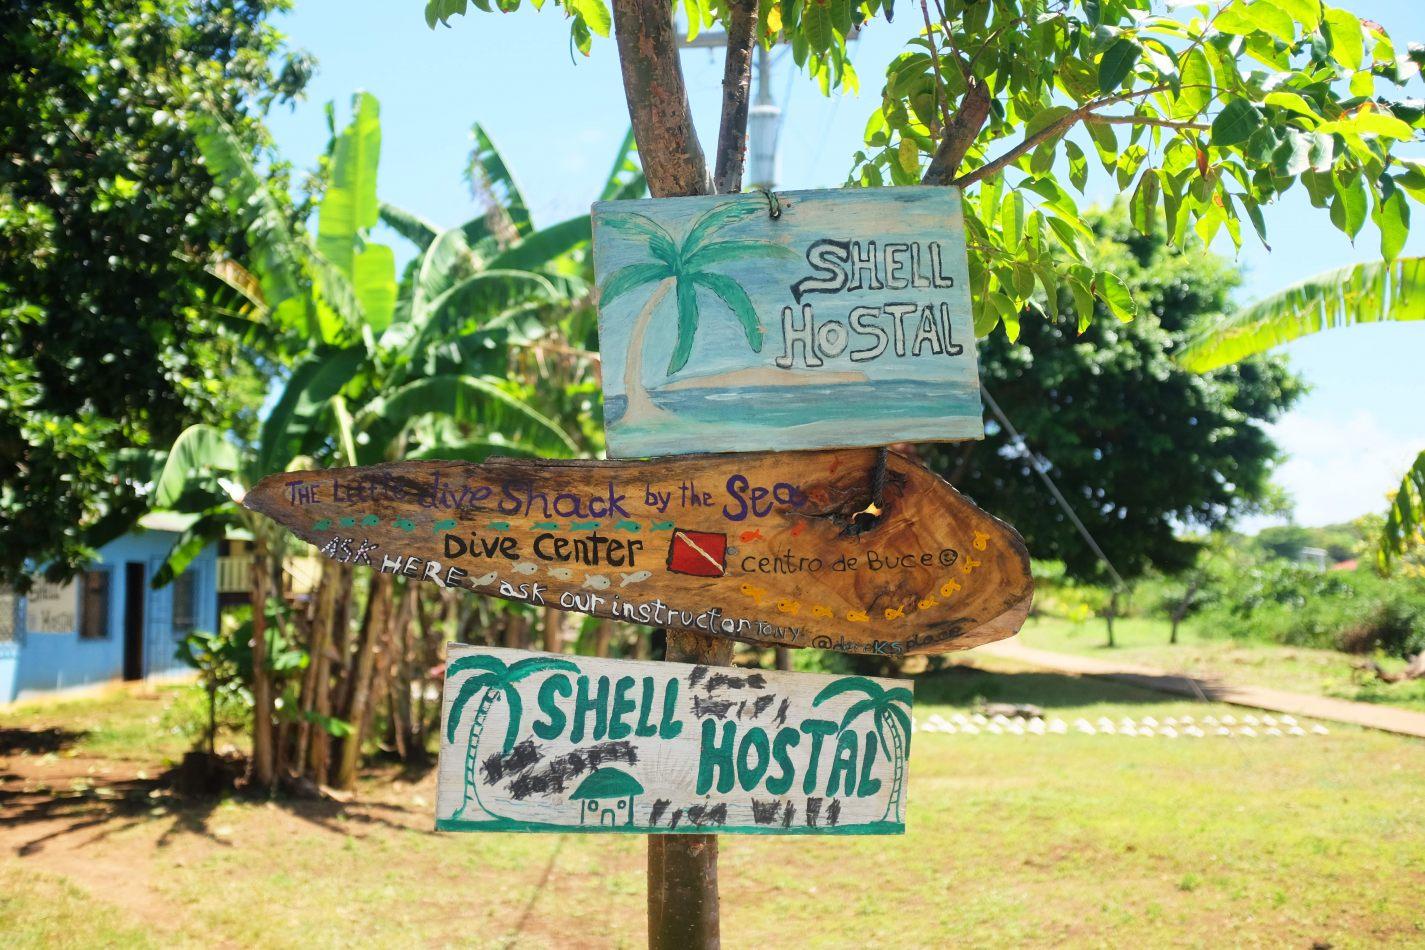 Hibiscus & Nomada : - - Shell Hostal